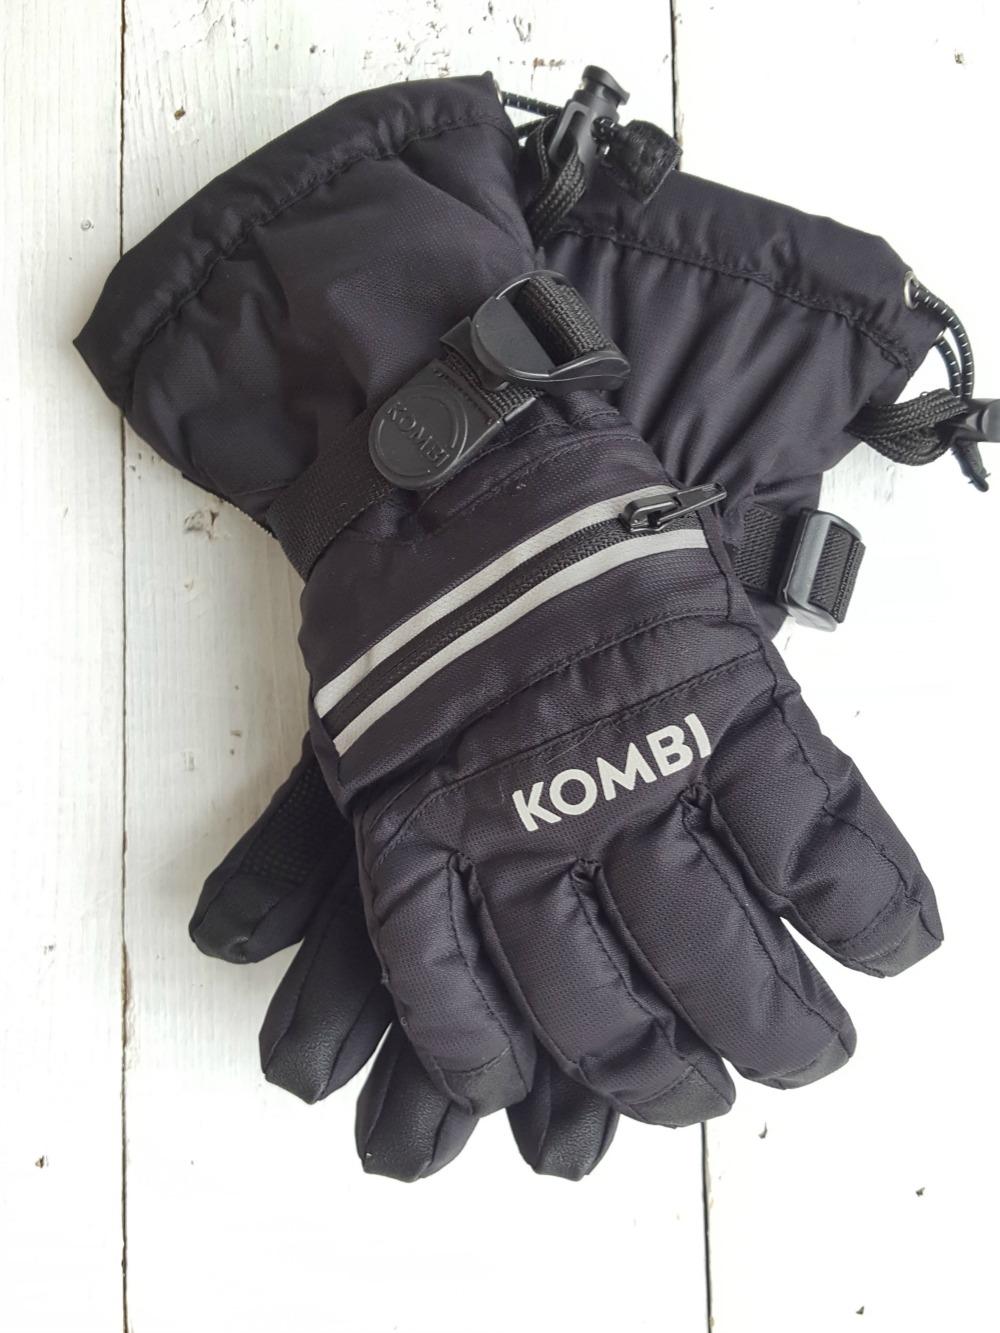 Liste de cadeaux pour sportif d'hiver / wooloo